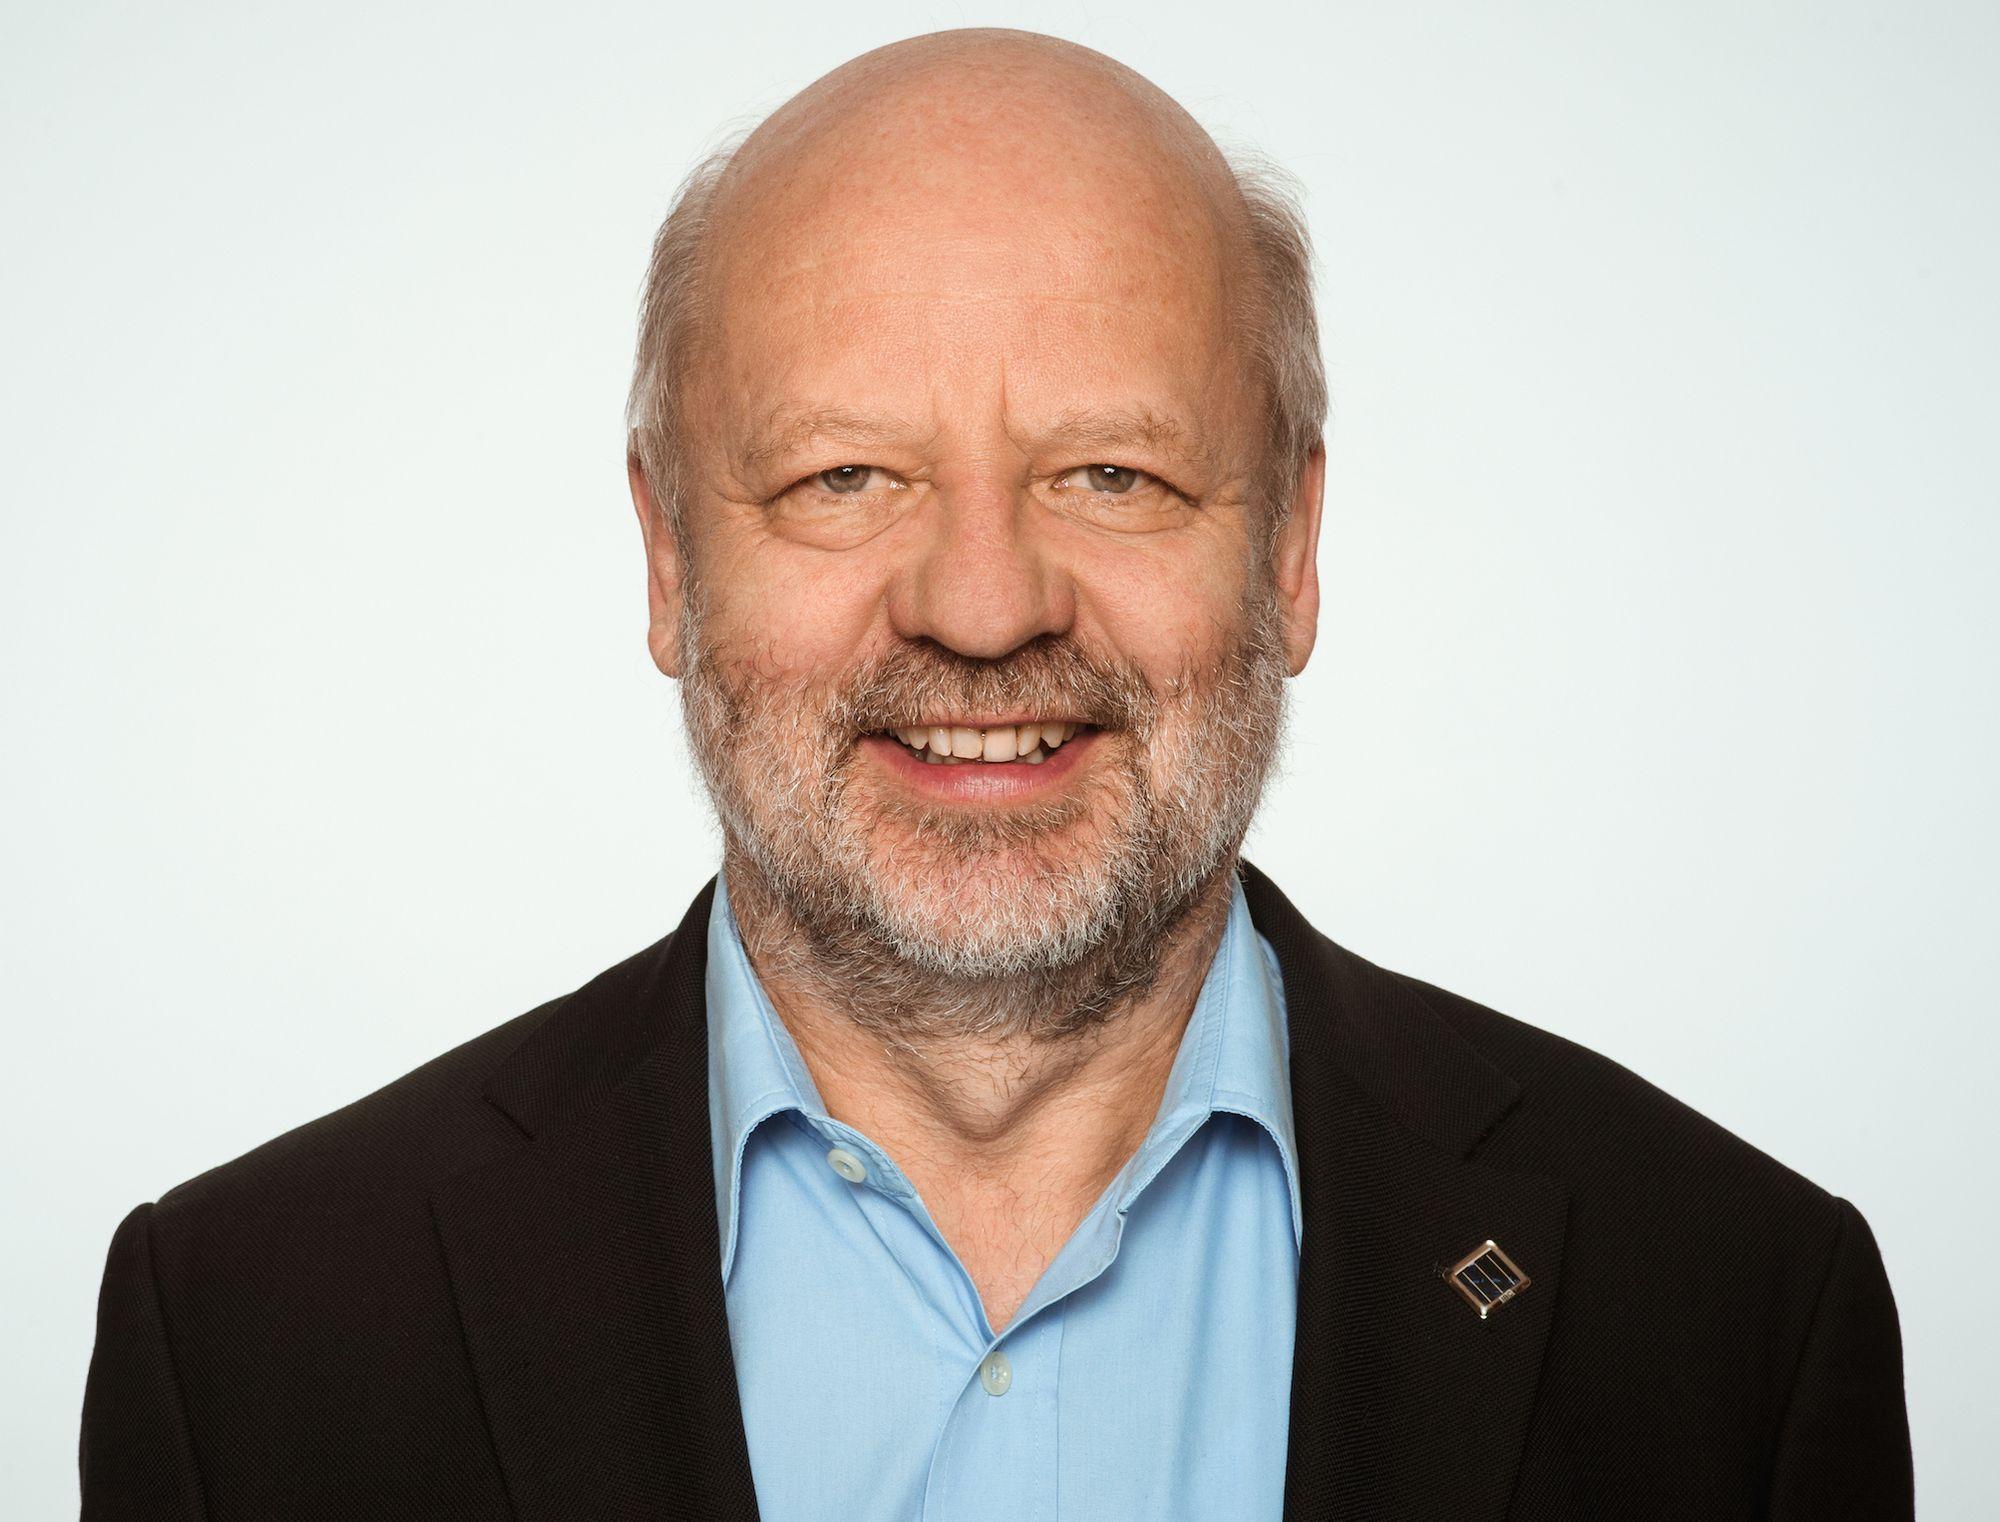 Hans-Josef Fell